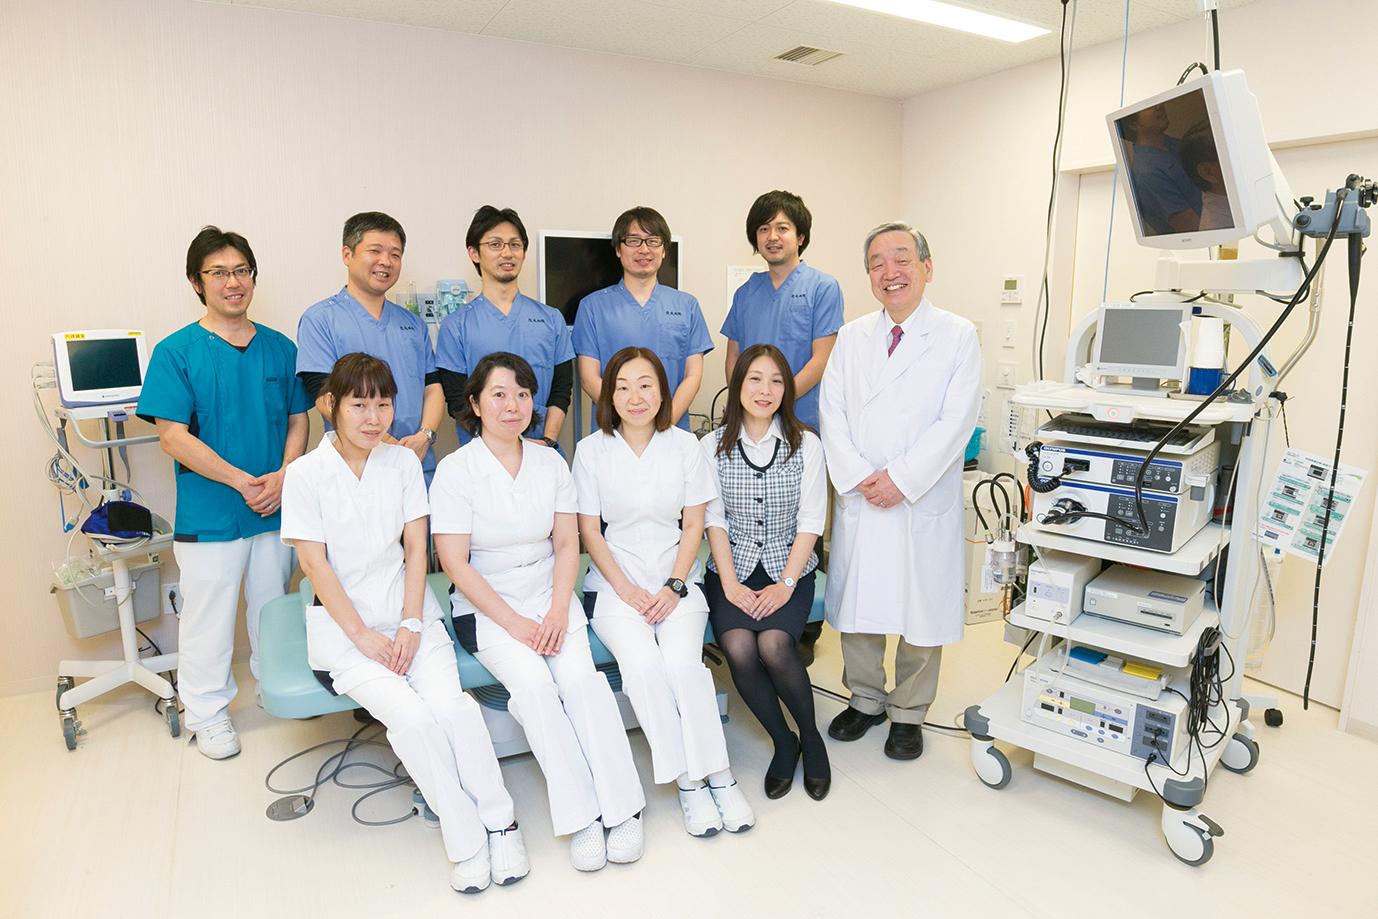 内視鏡室のスタッフ一同。患者が安心して治療に臨めるよう努めている